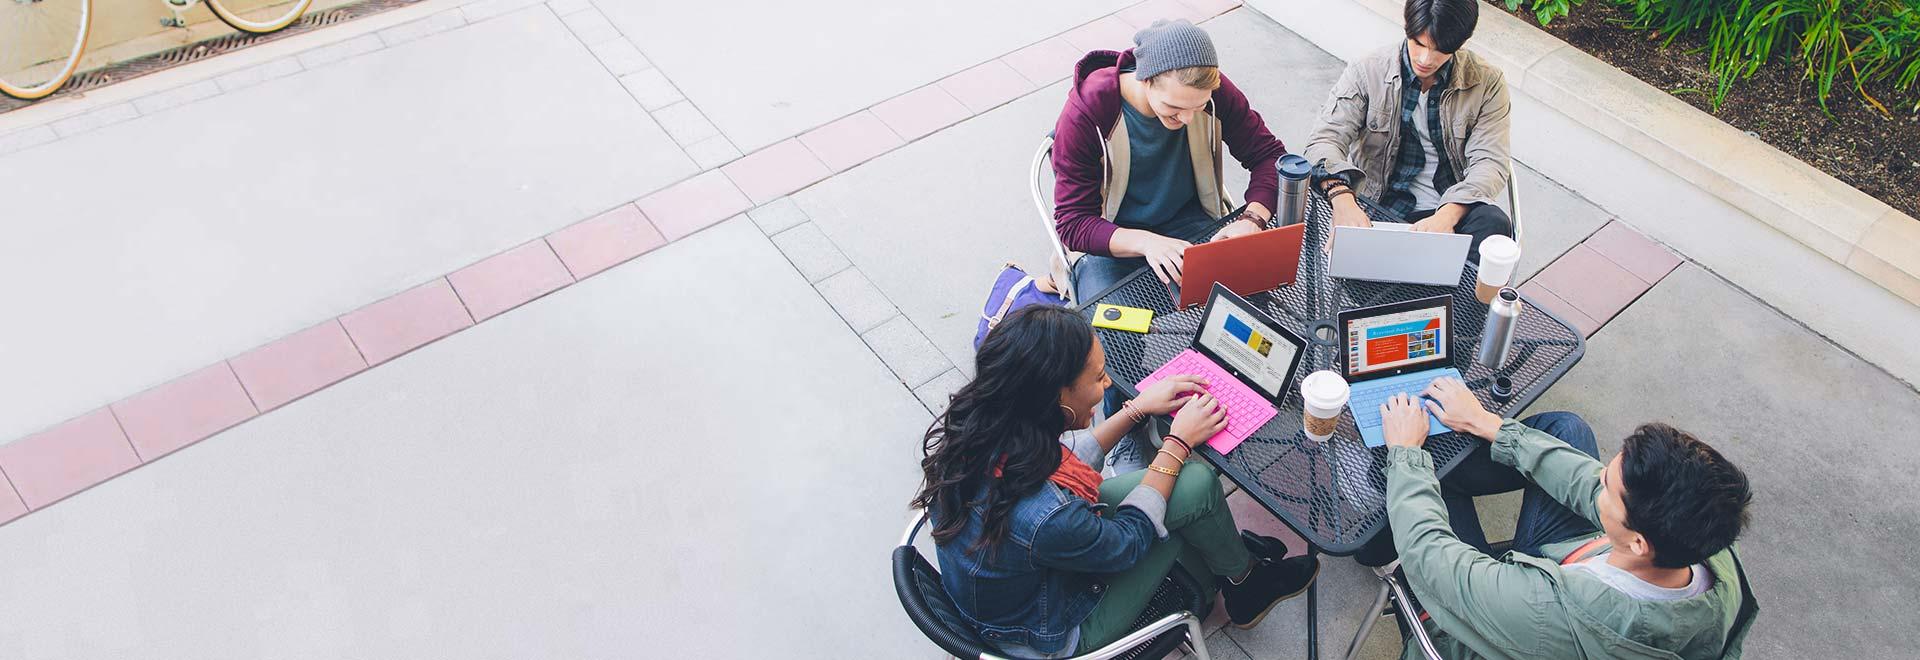 Patru elevi la o masă în aer liber, utilizând Office 365 pentru educație pe tablete.